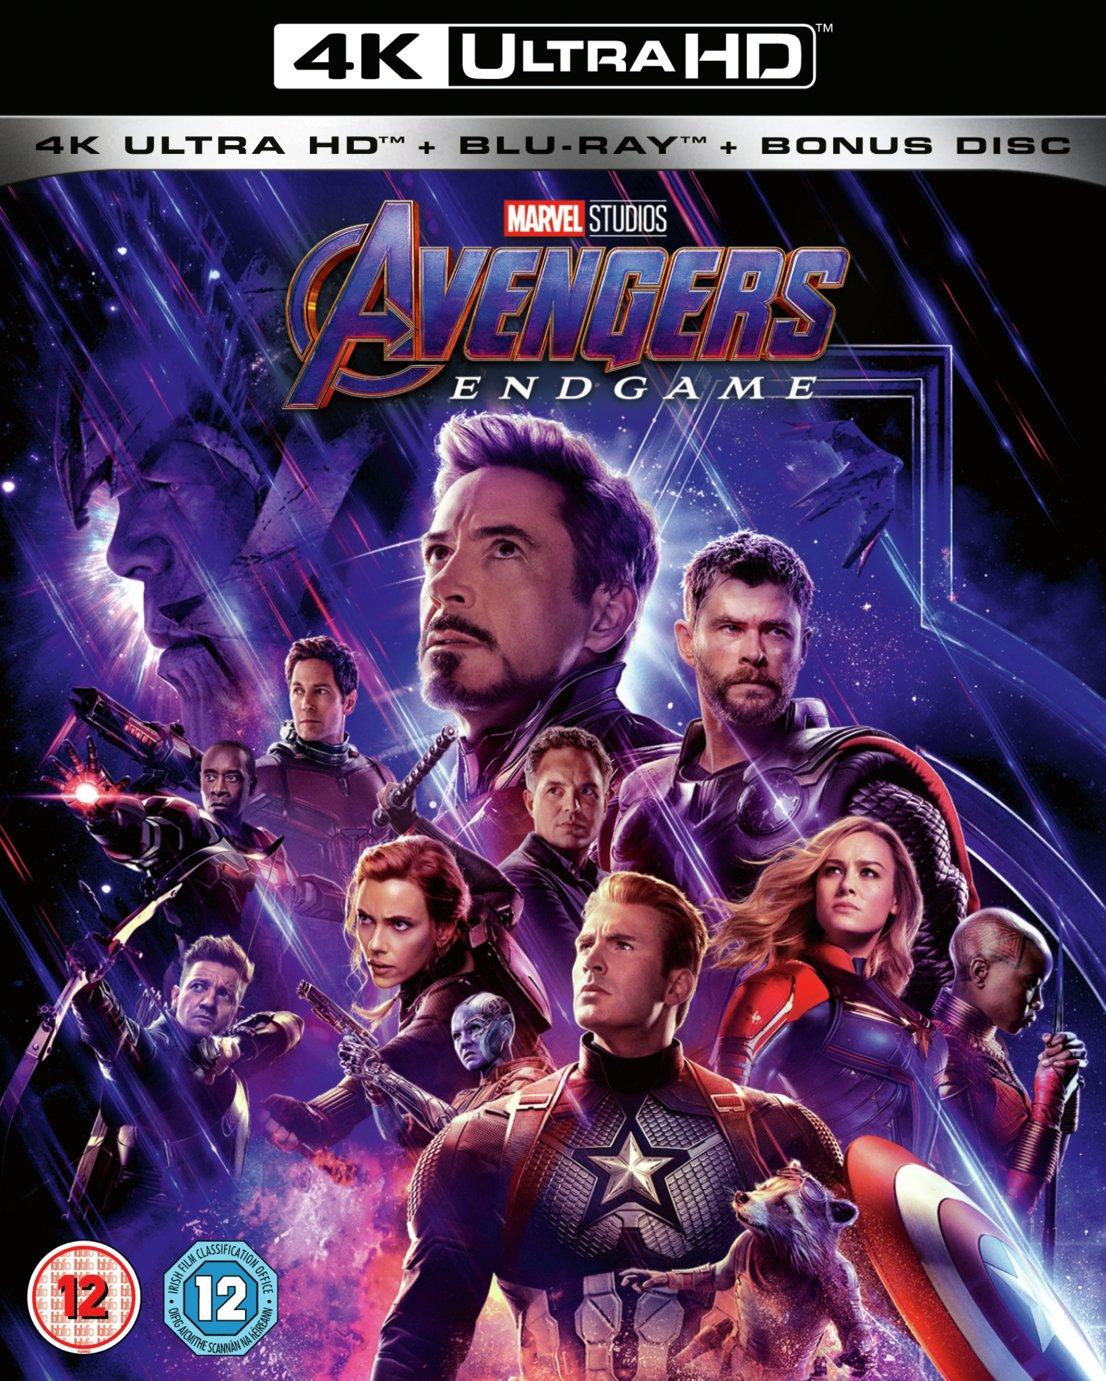 Marvel's Avengers: Endgame 4K UHD Blu-Ray